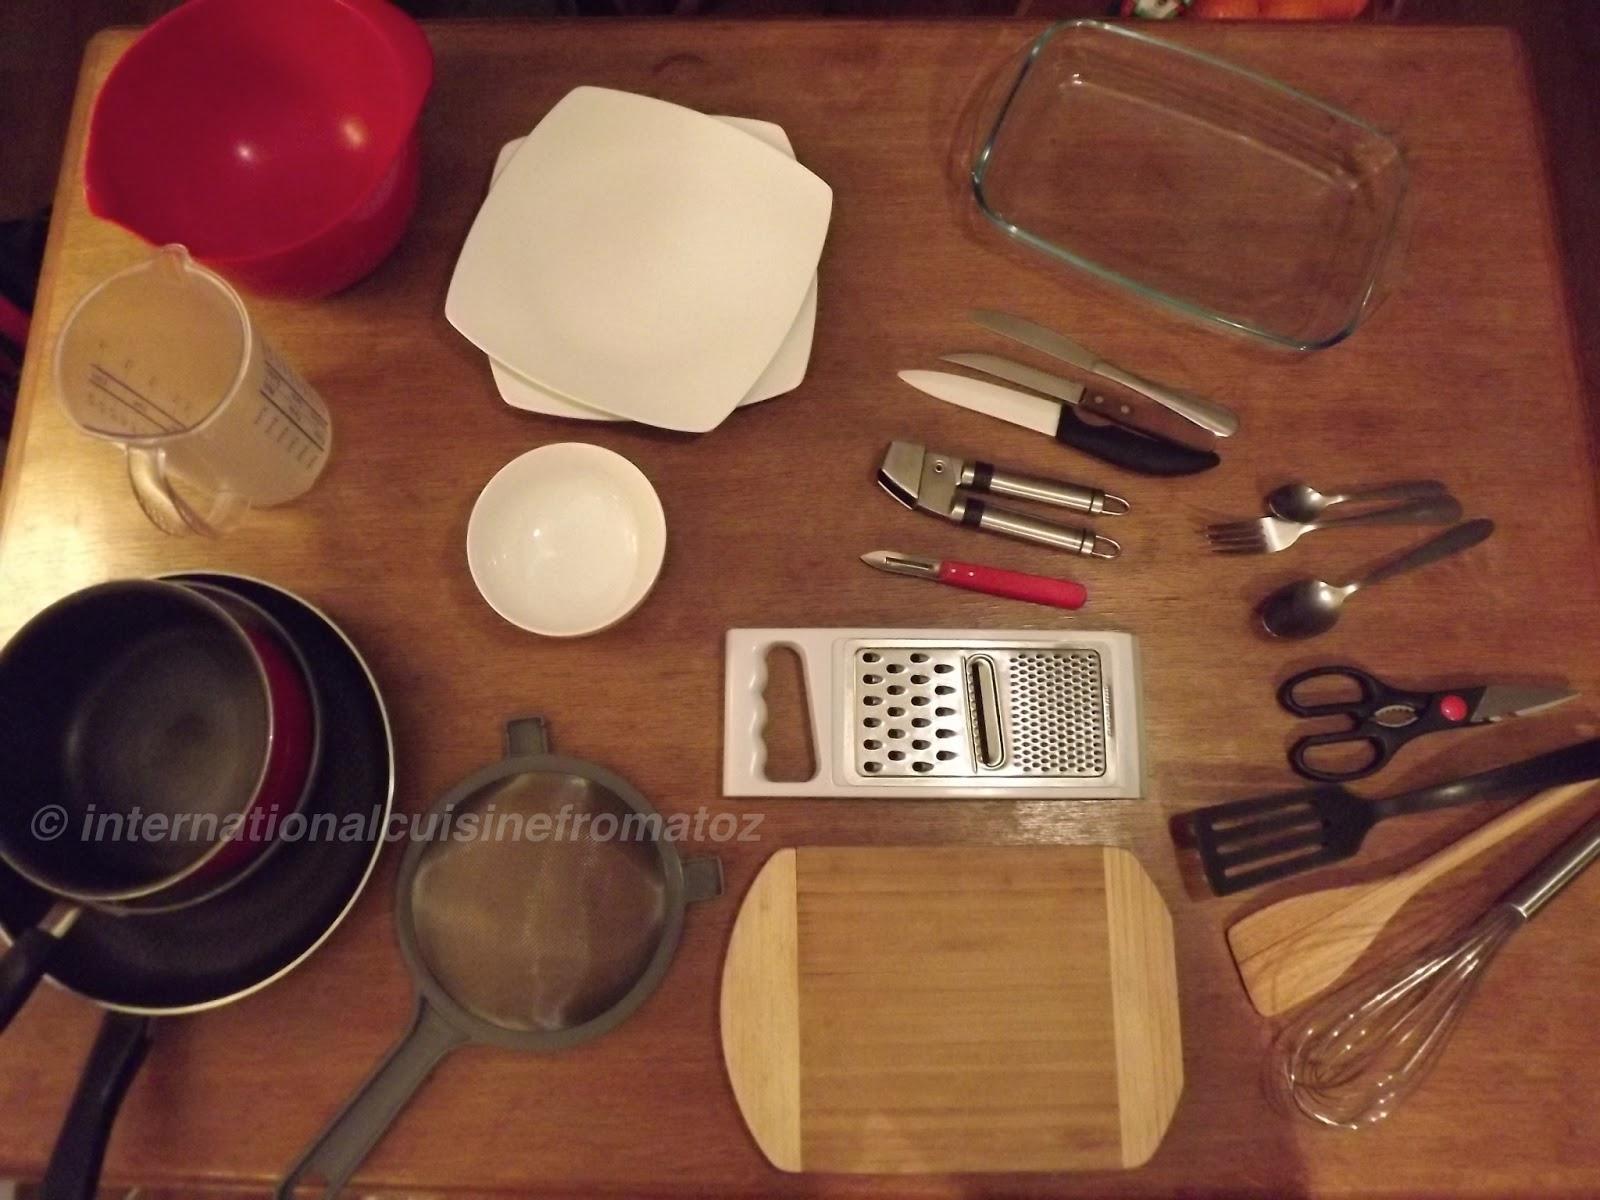 Cuisine instruments de base international cuisine for - Instrument de cuisine ...